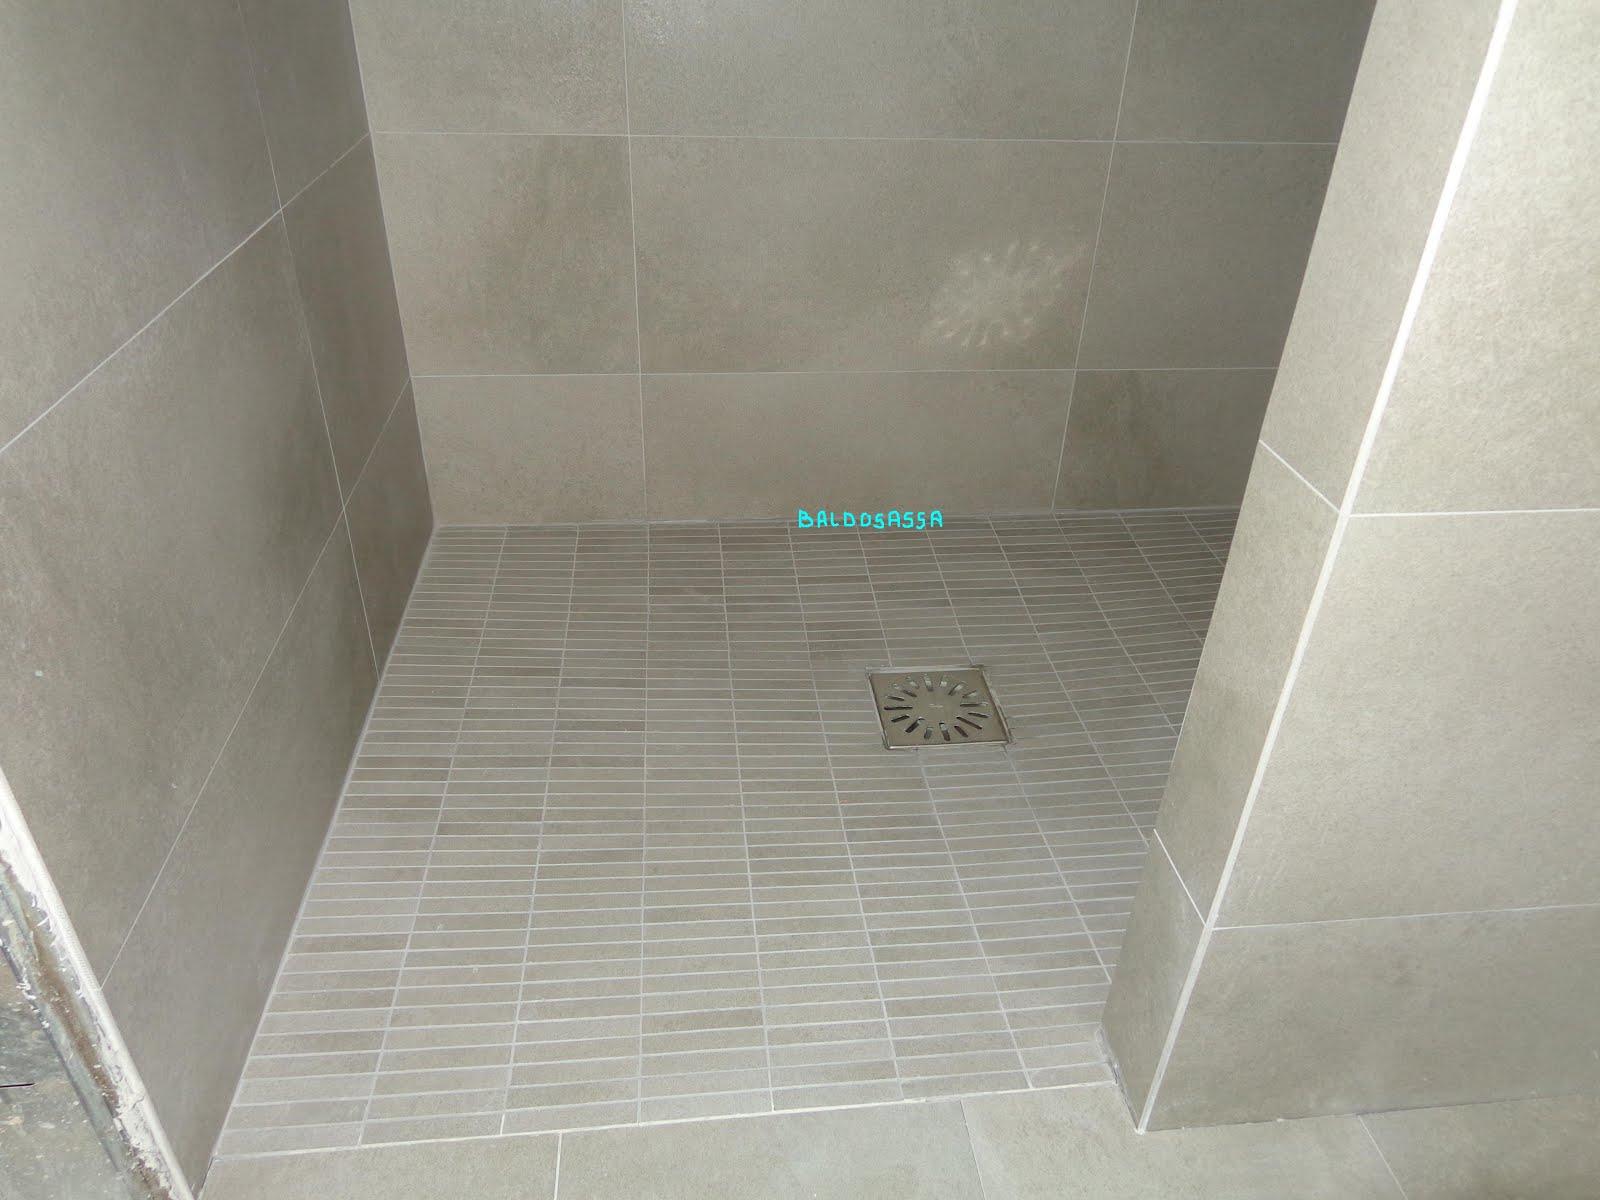 Platos de ducha de obra fotos for Tipos de mamparas para platos de ducha